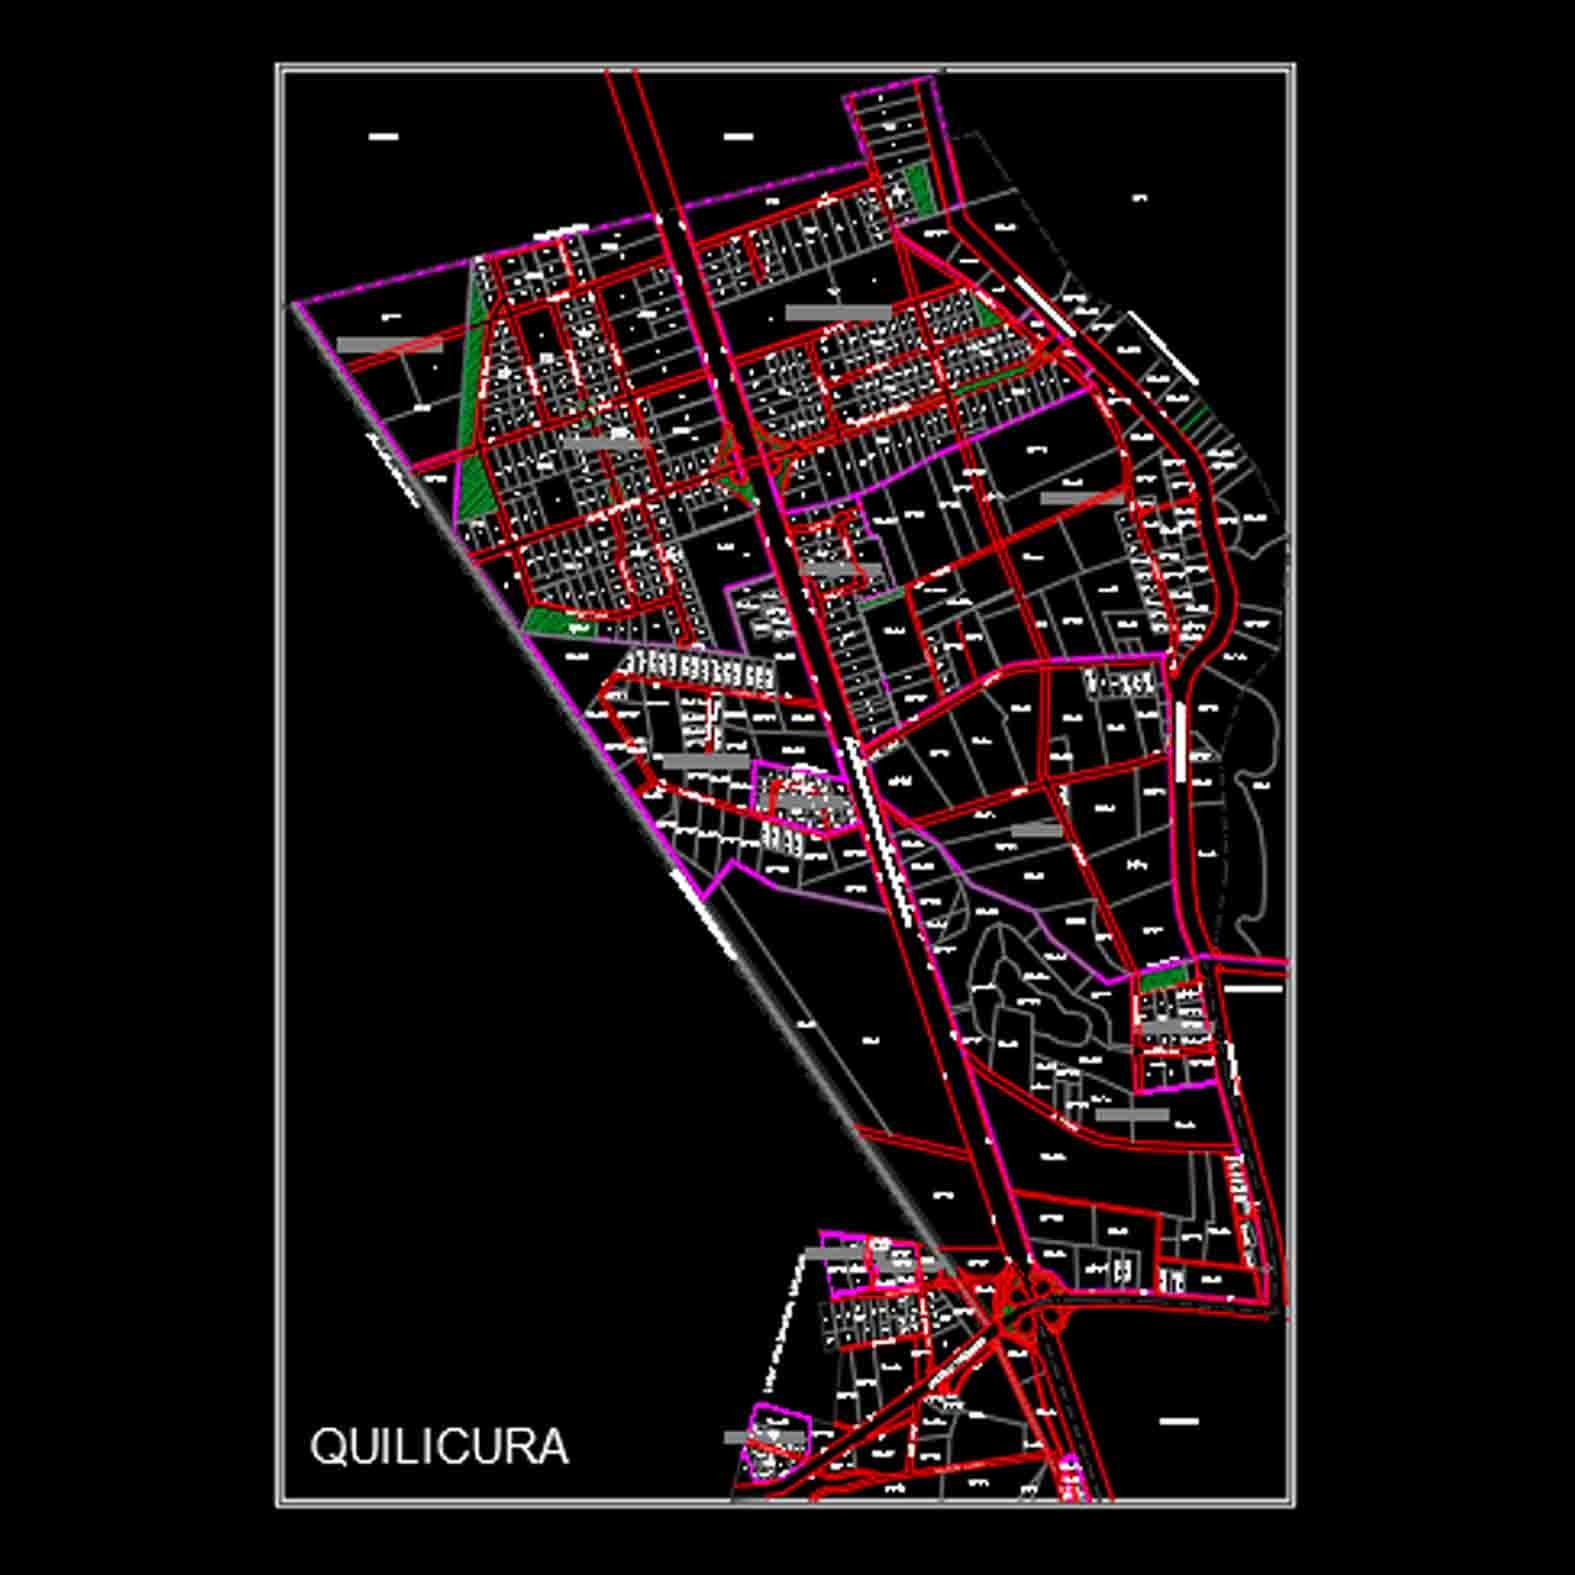 Plano: Comuna de Quilicura / Zona Industrial